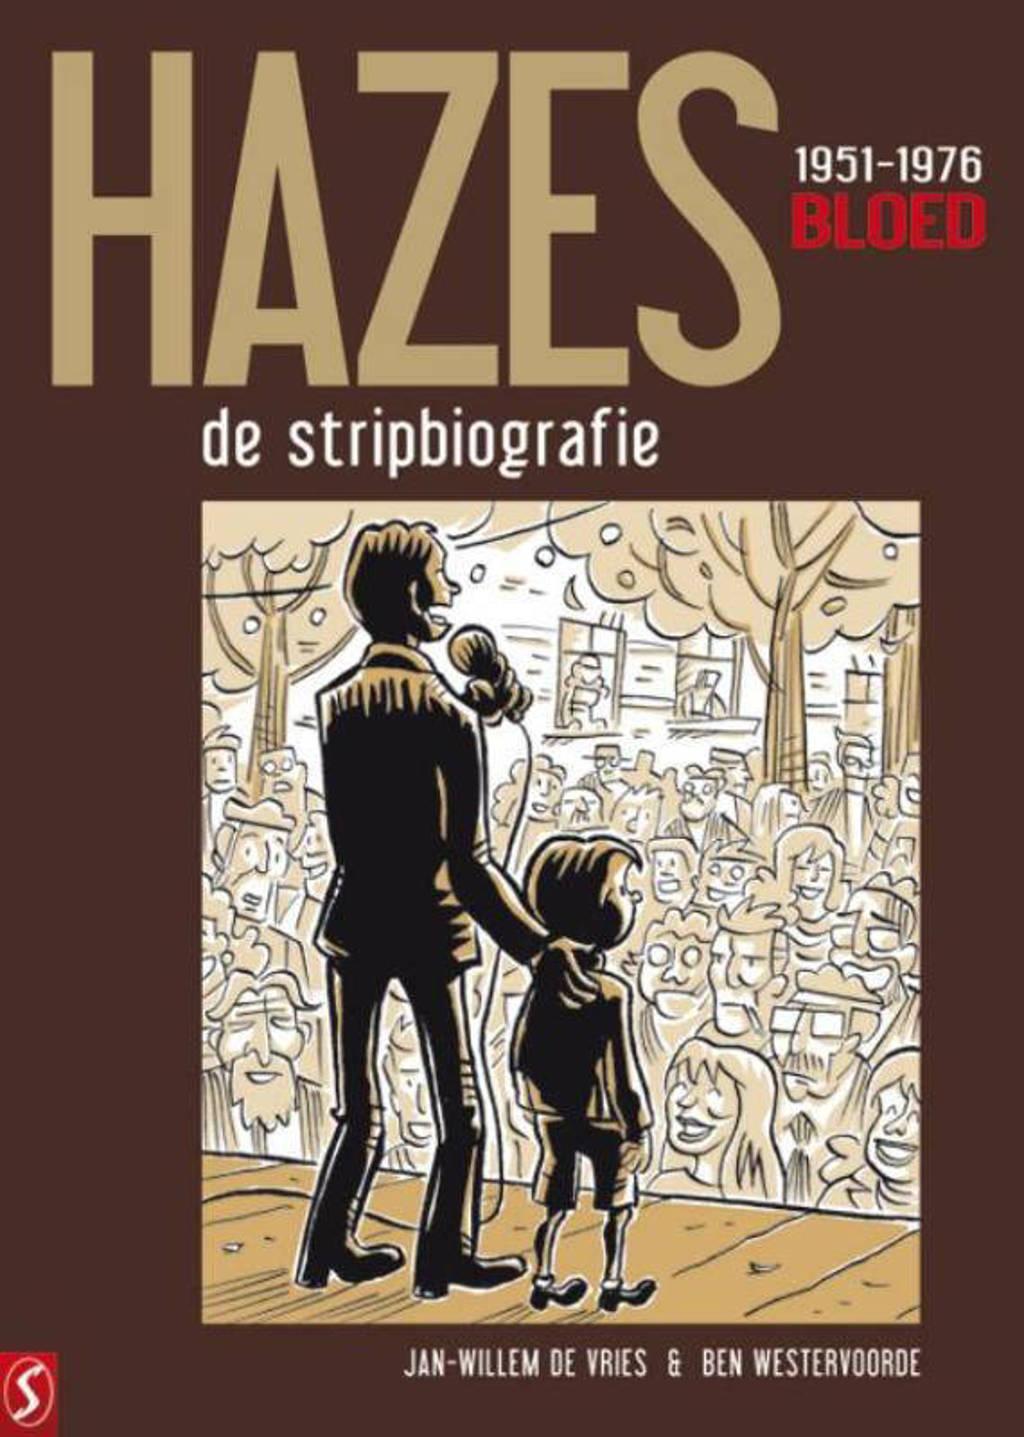 Hazes: André Hazes 1 - Bloed - Jan-Willem de Vries en Ben Westervoorde